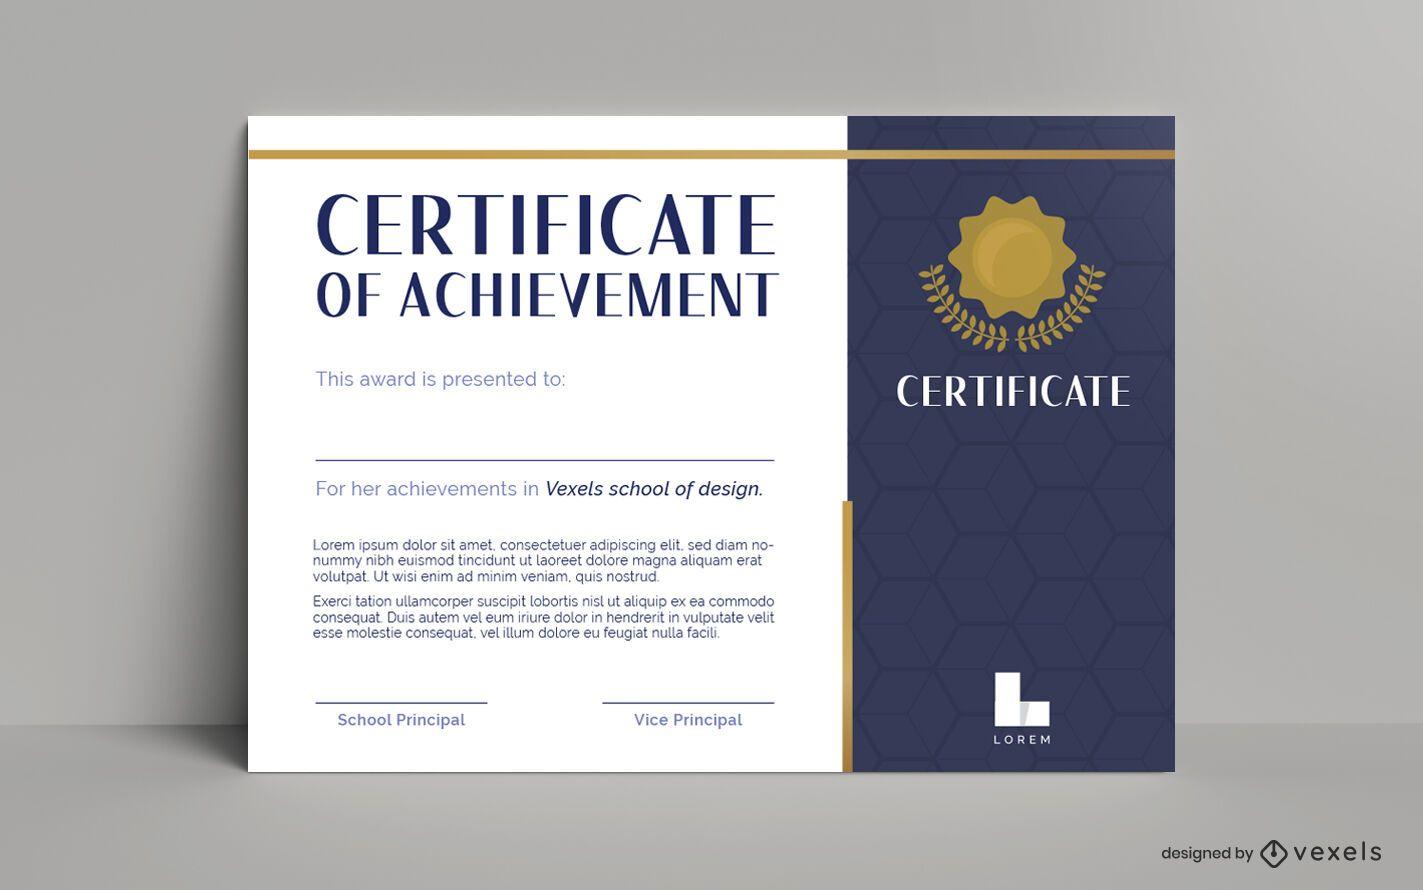 Plantilla de diseño de certificado de logros